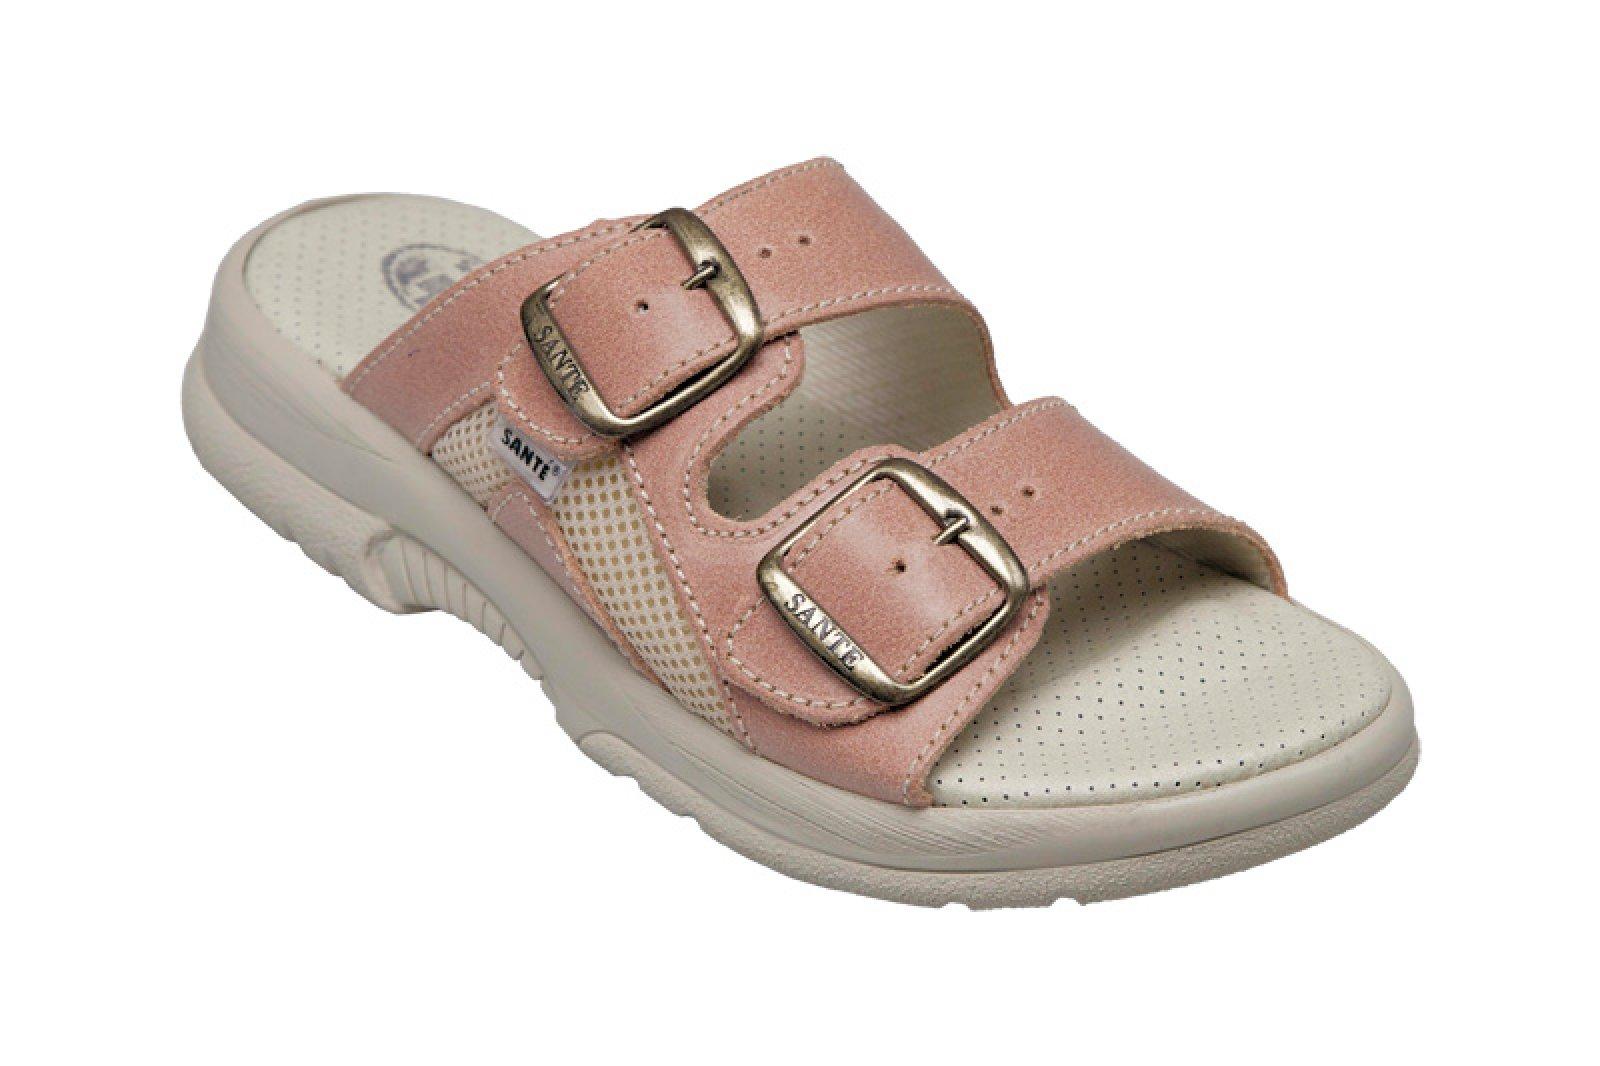 36bc4aa24720 dámské pantofle Santé 517 31 49 lososové